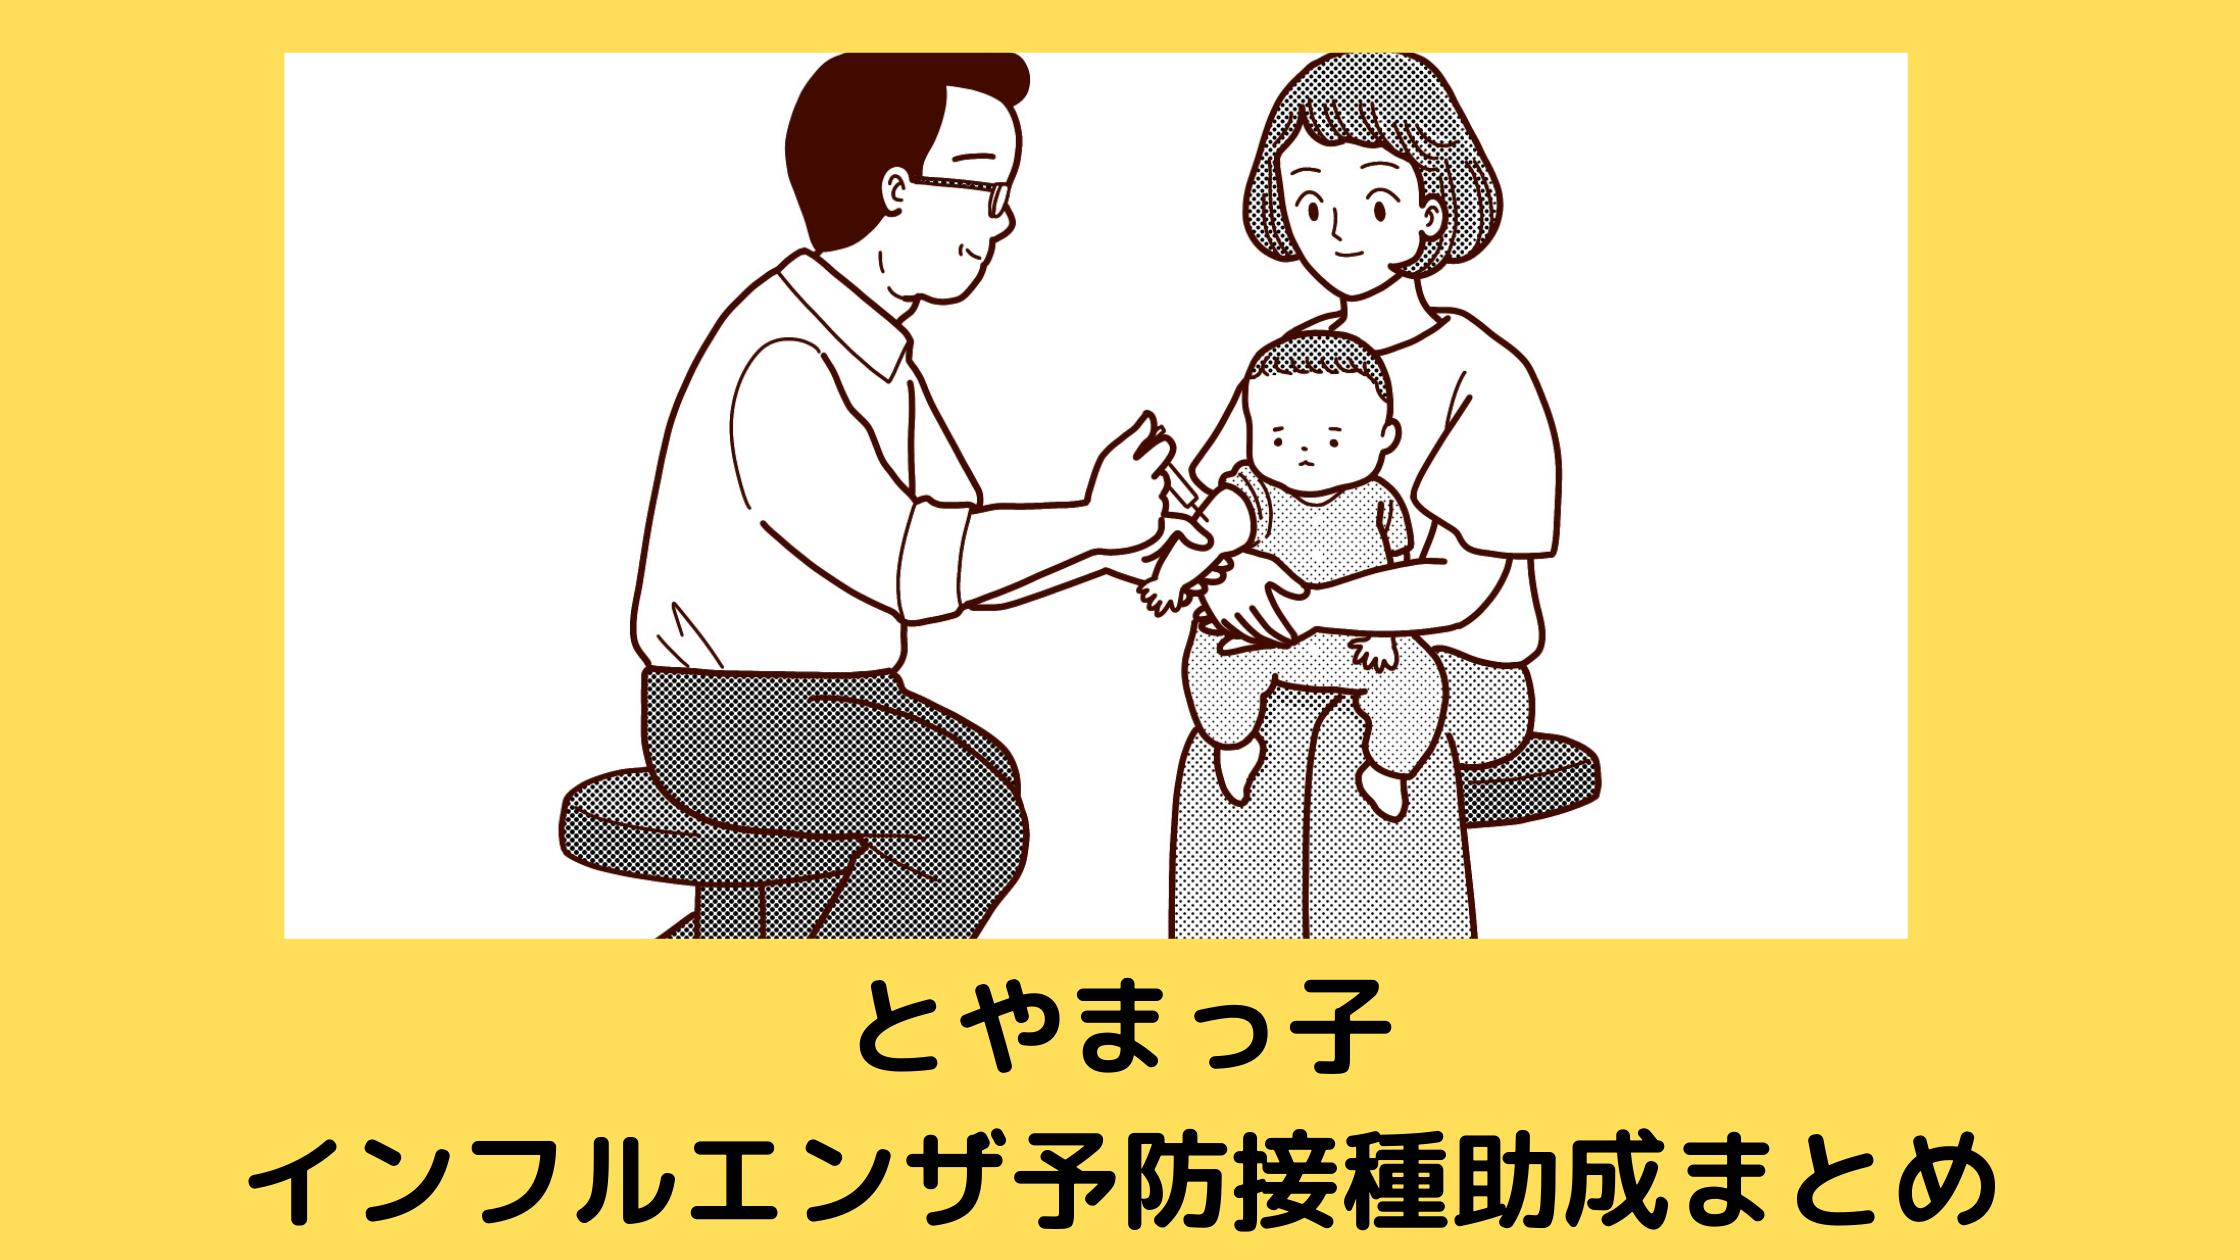 富山県から子供予防接種の助成が出ます!高岡市は中学生も対象だよ!